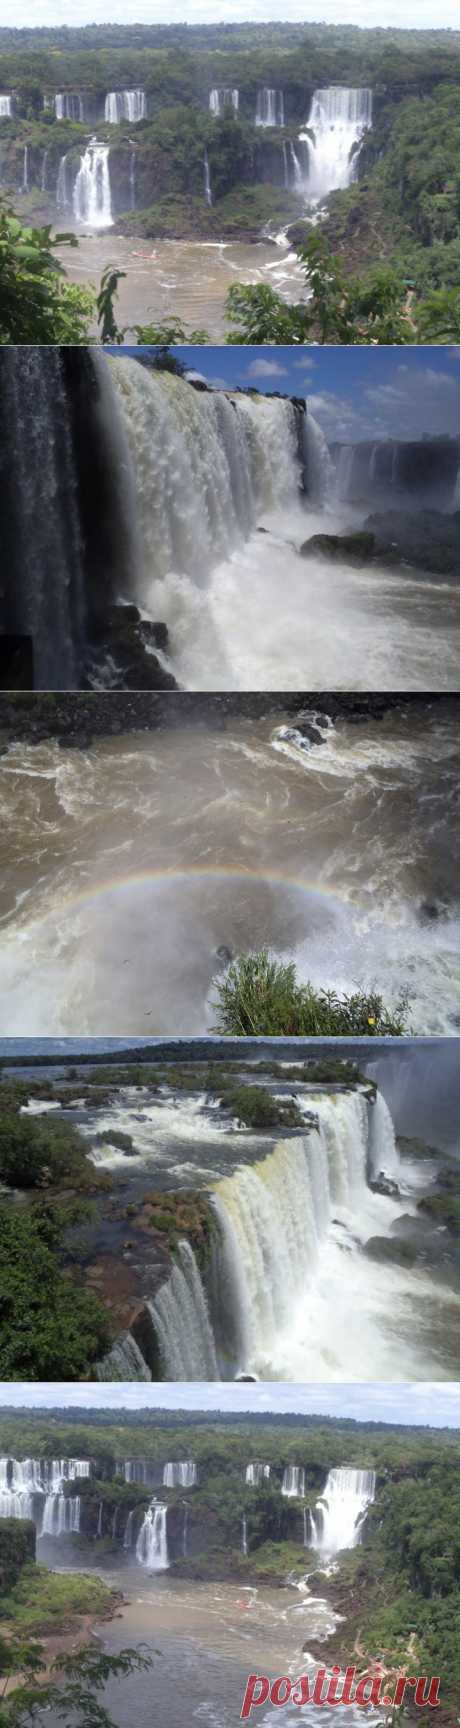 (+1) тема - Водопады Игуасу | Фотоискусство